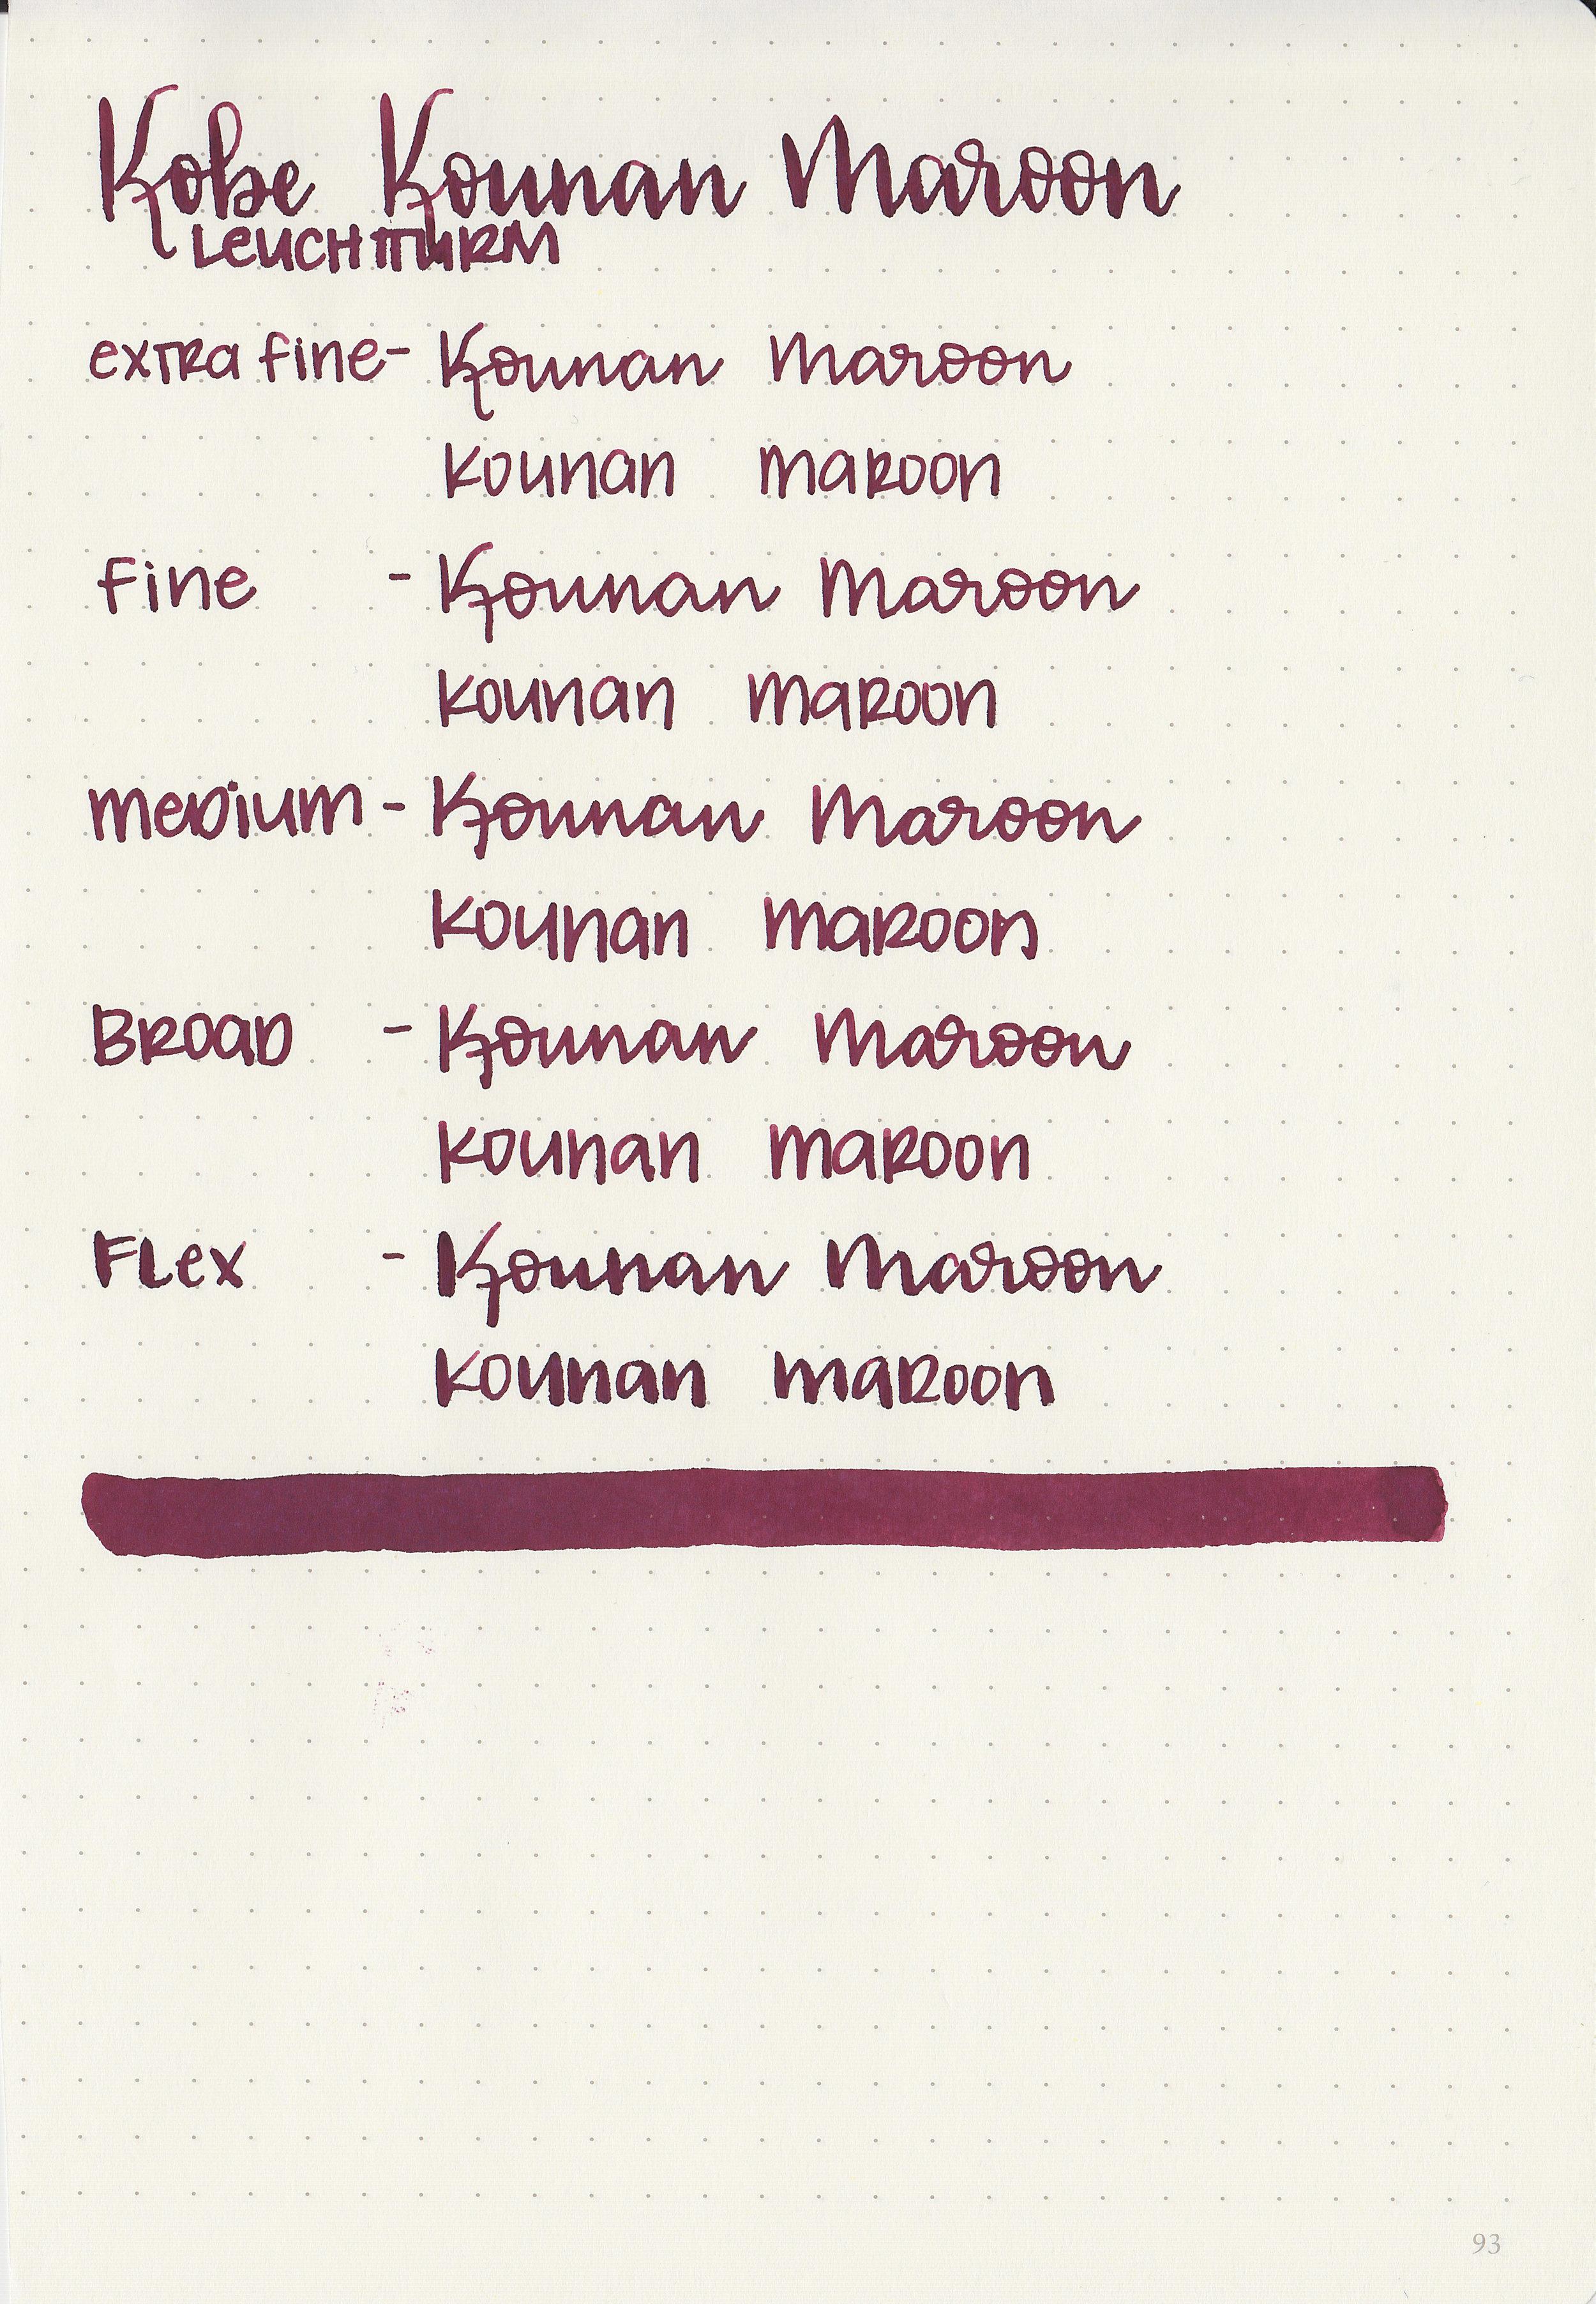 nk-kounan-maroon-9.jpg